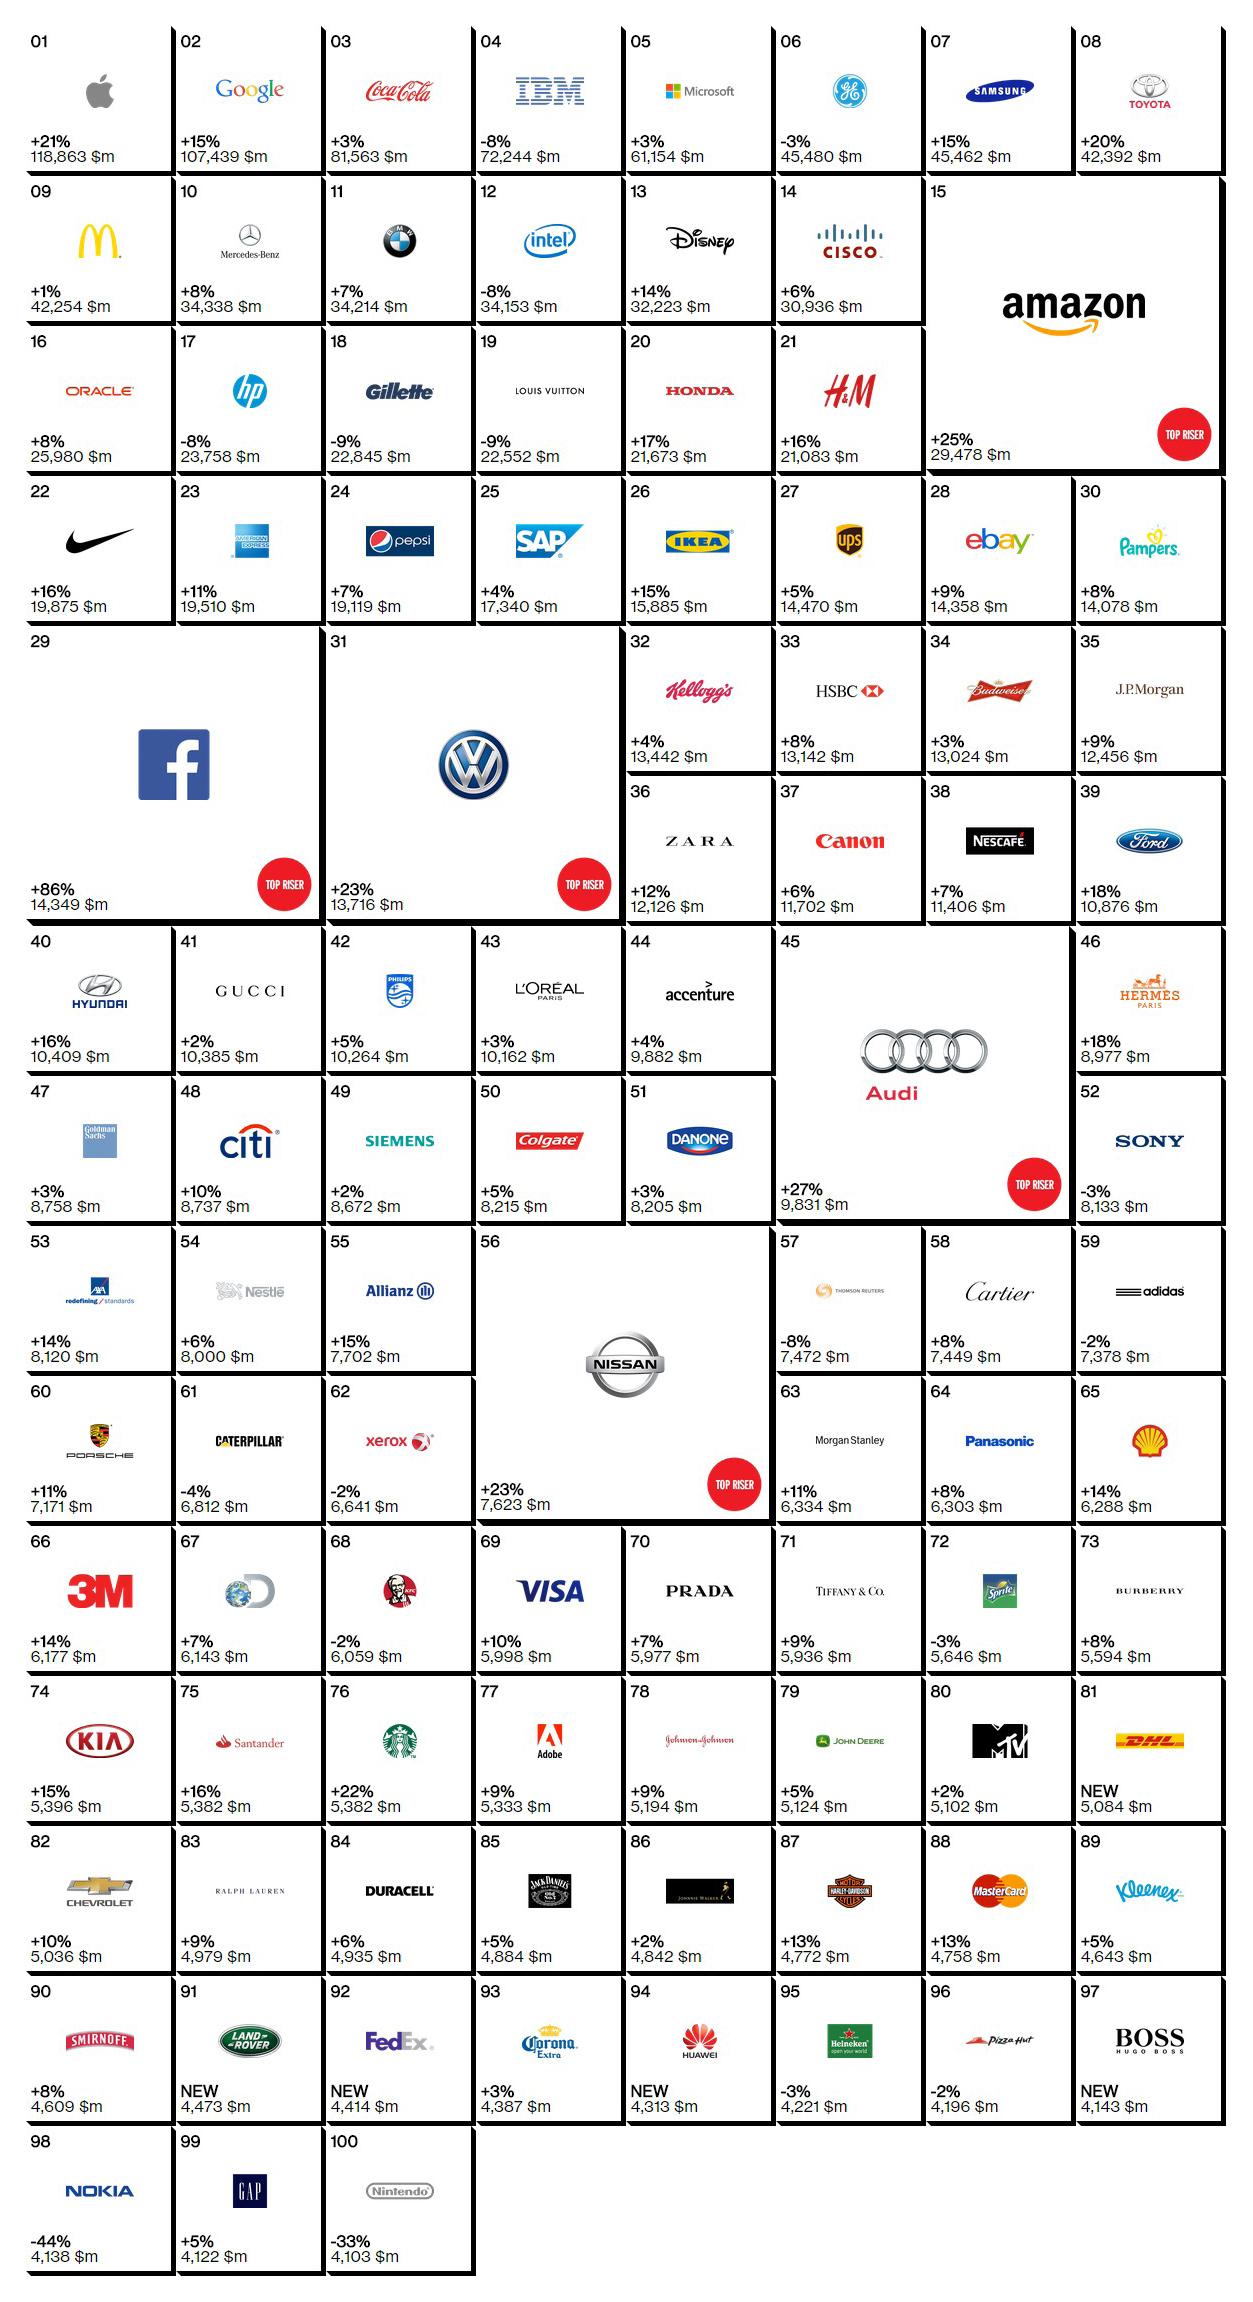 classement 2014 des 100 plus grandes marques mondiales sur marketing. Black Bedroom Furniture Sets. Home Design Ideas